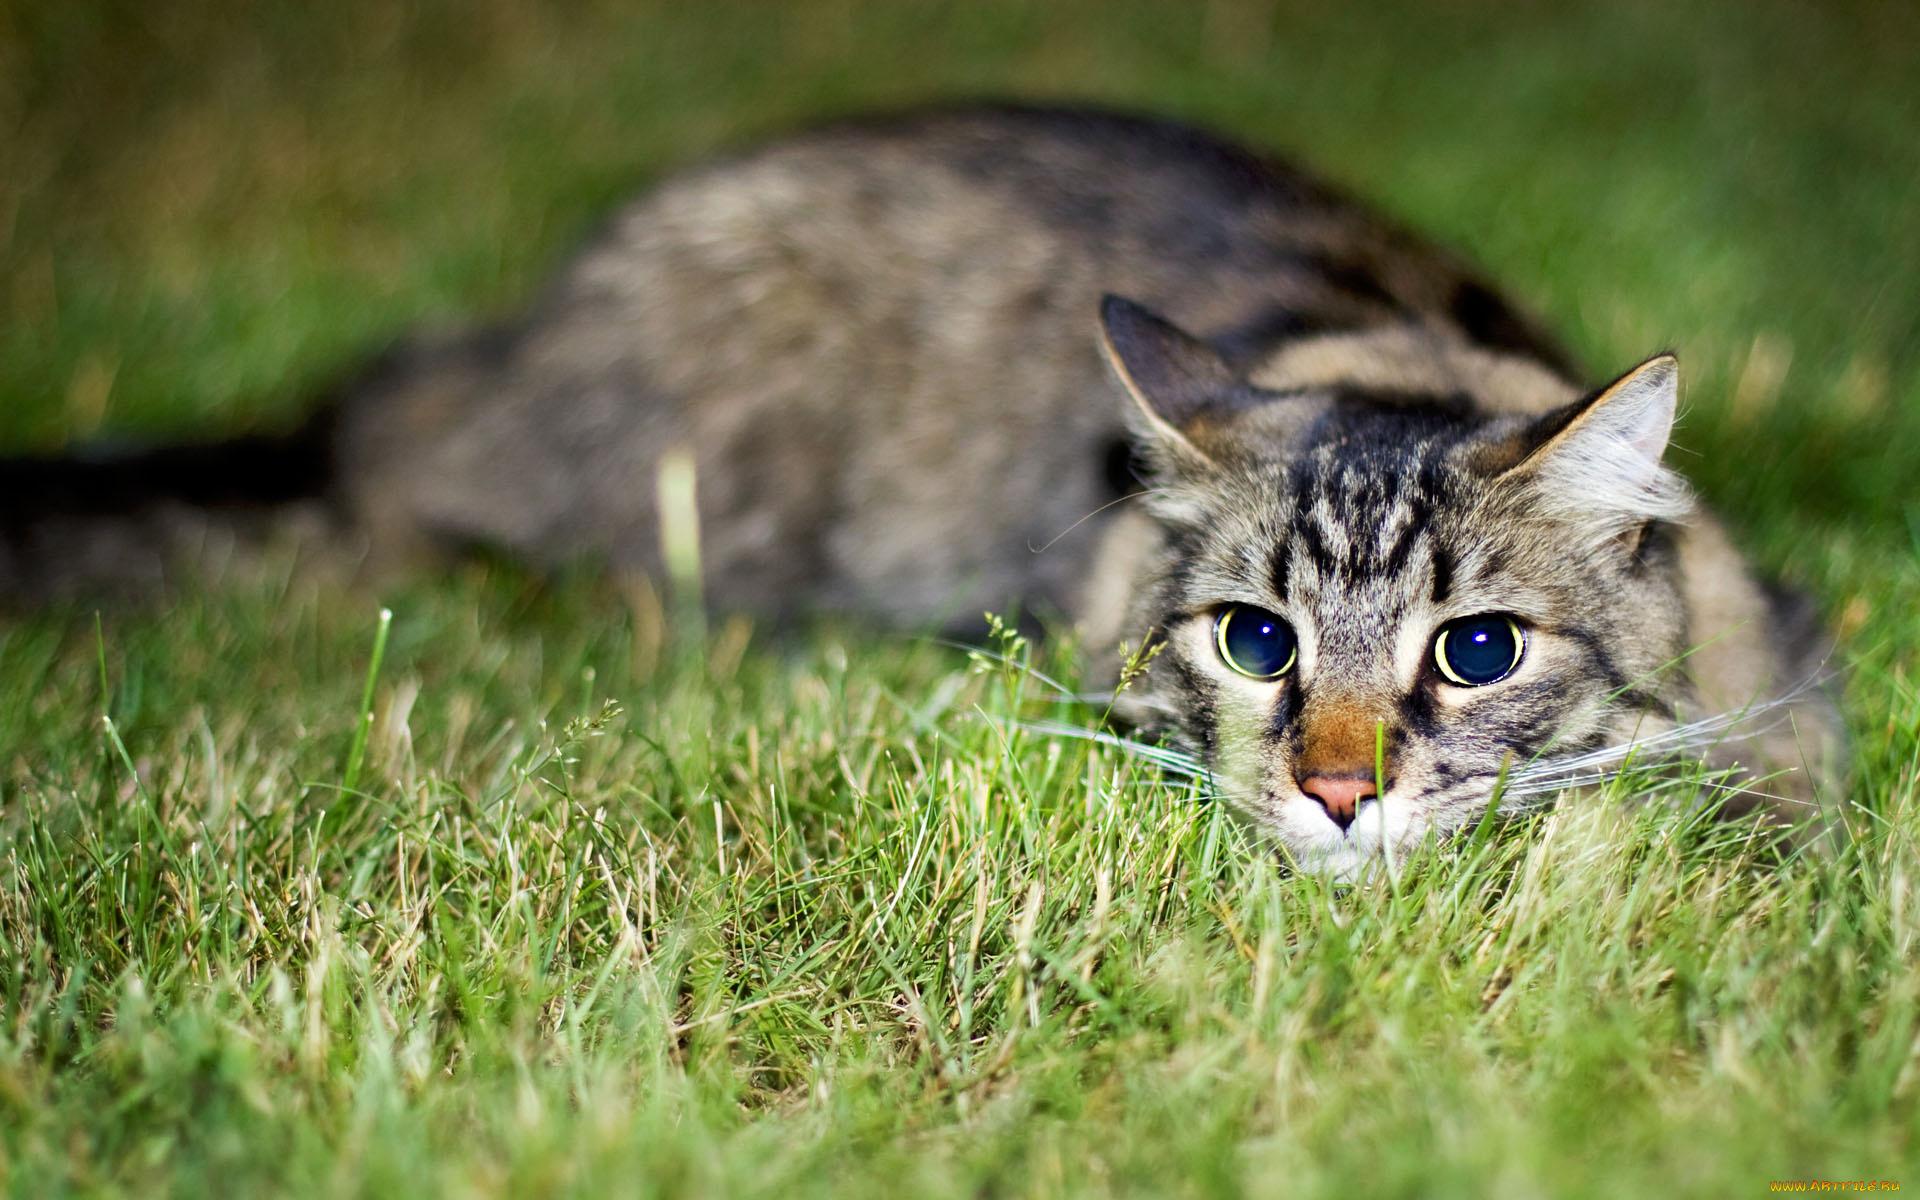 Котенок играющий с кошкой в траве  № 1995004 бесплатно